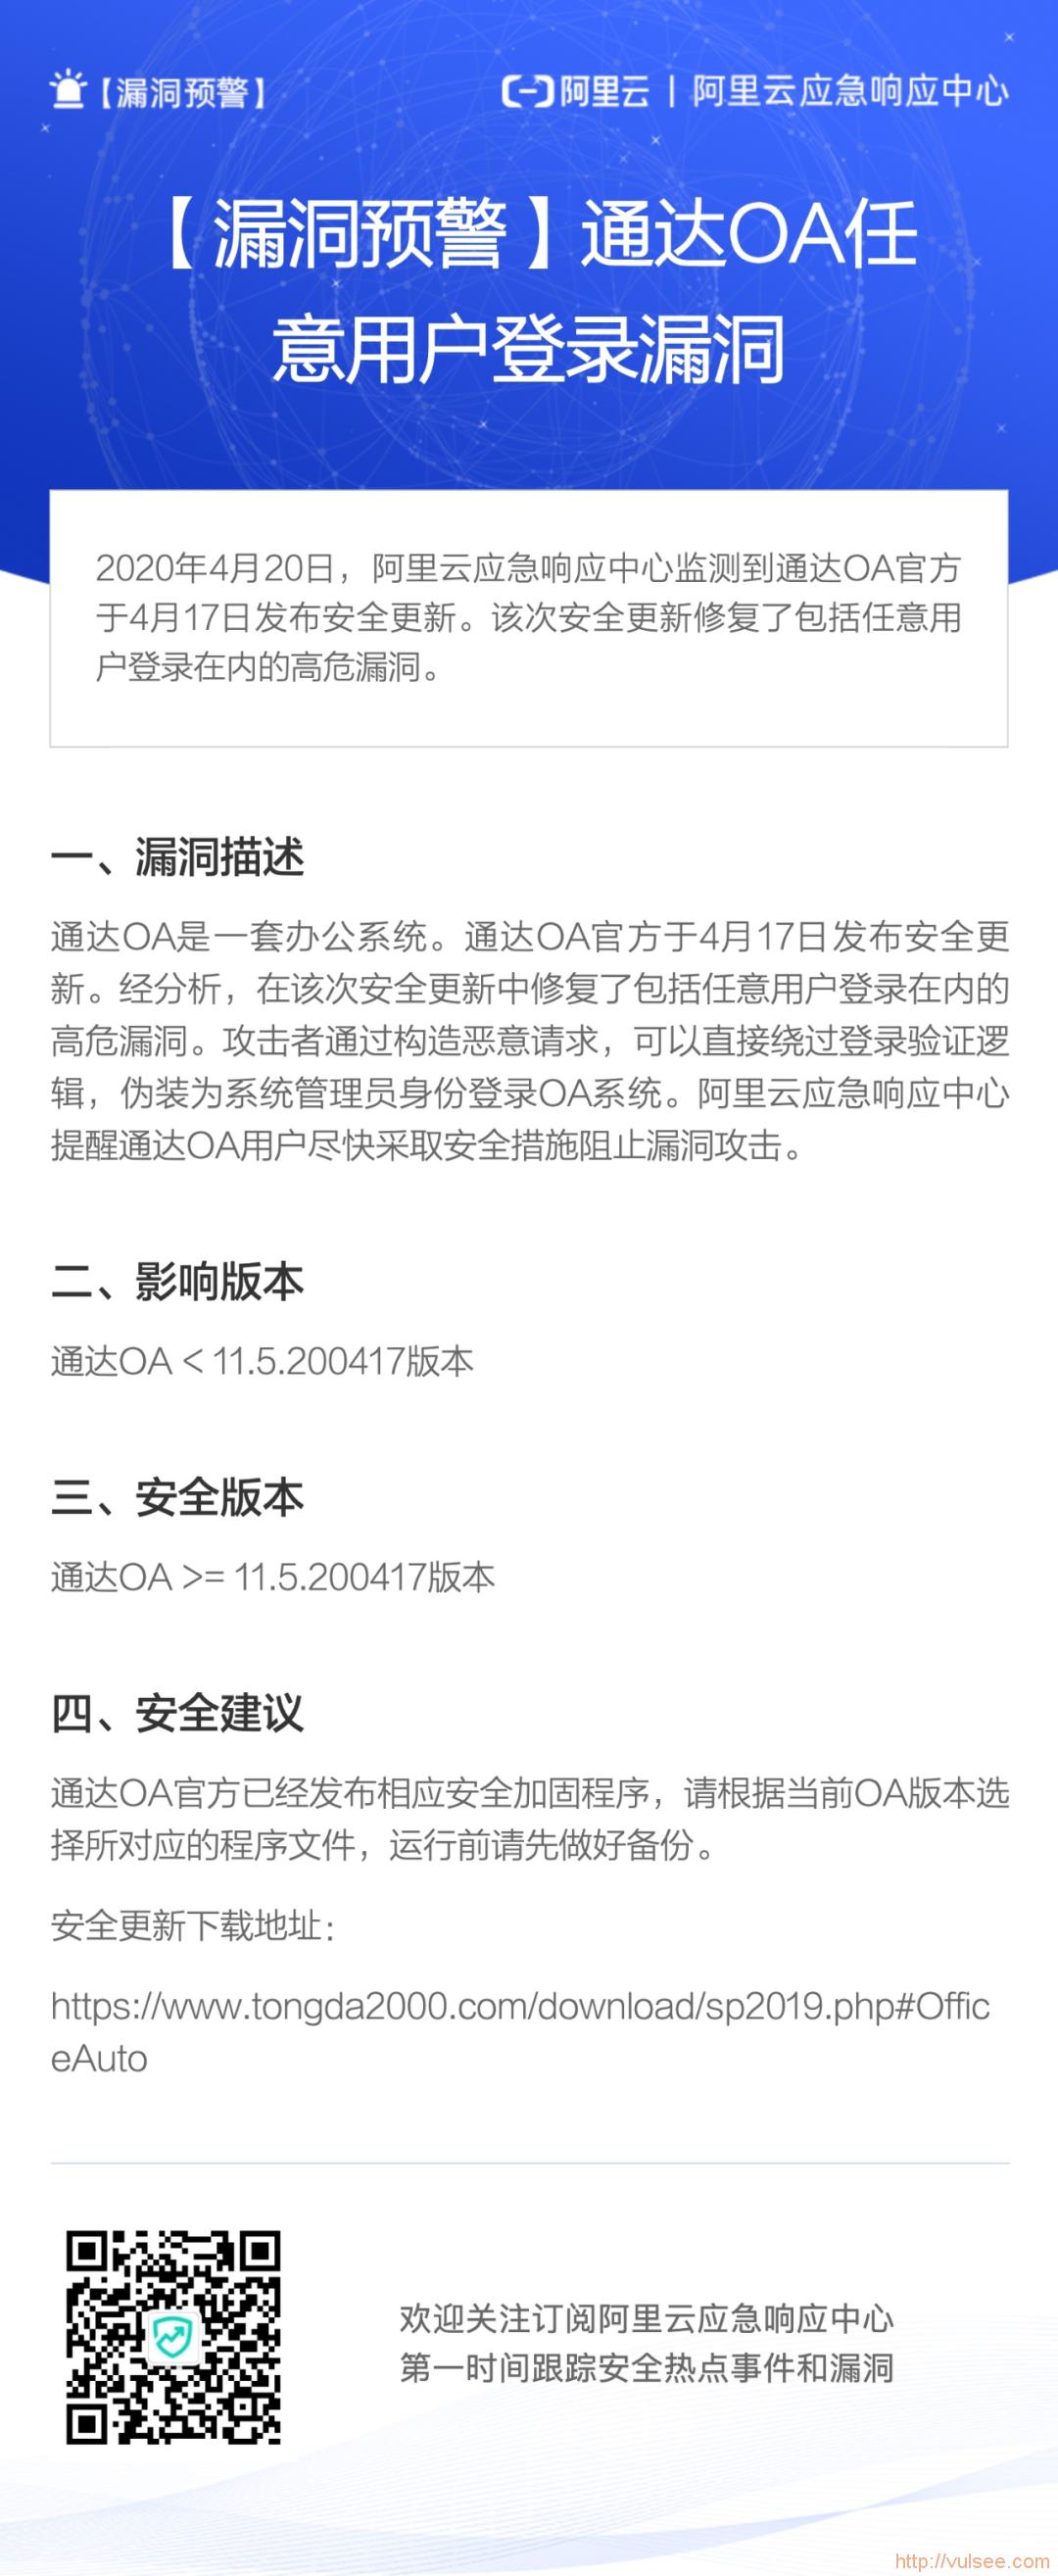 【漏洞预警】通达OA任意用户登录漏洞